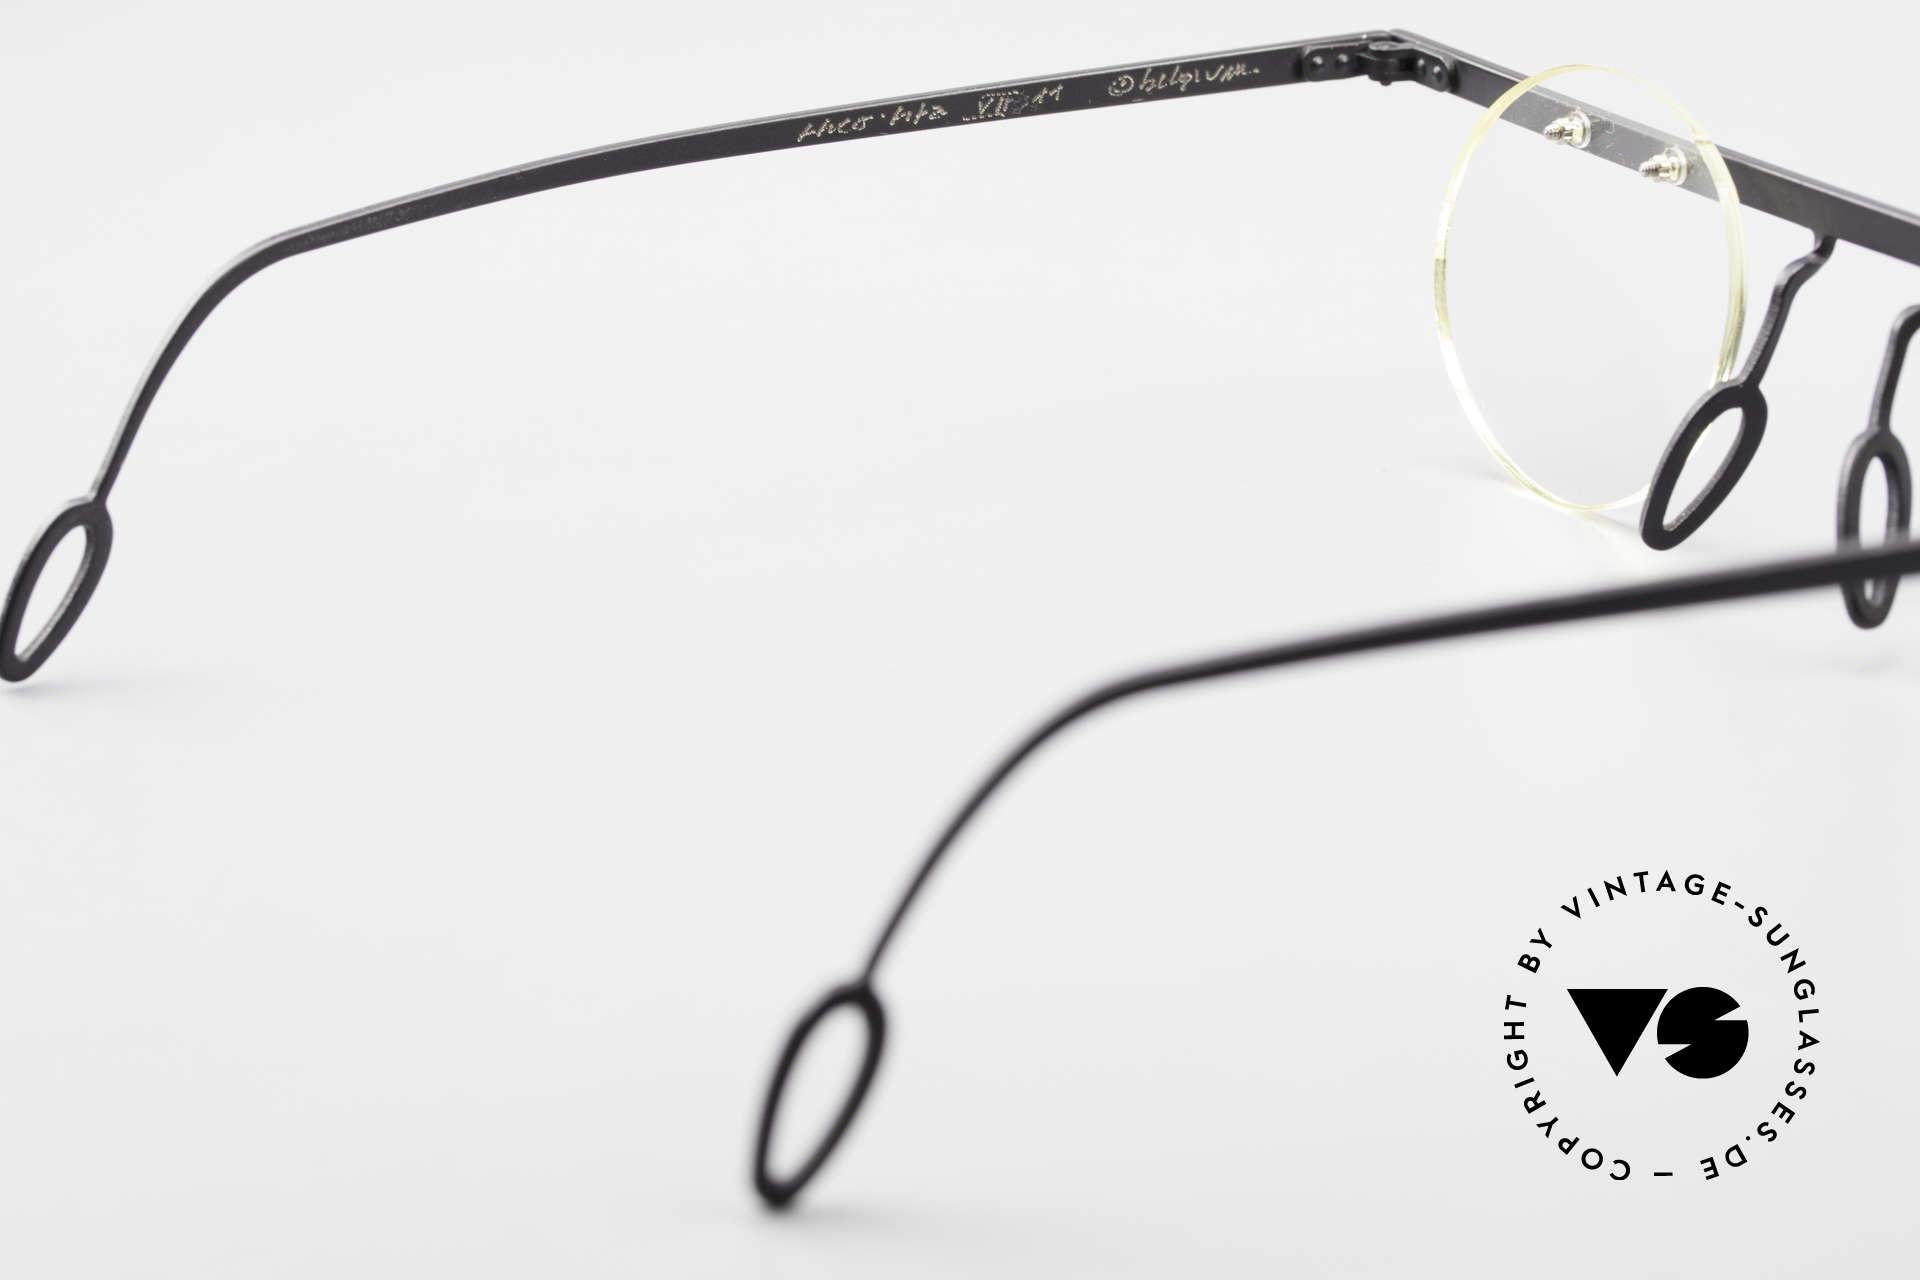 Theo Belgium Tita VII 11 Titanium 90er Vintage Brille, die runden Demo-Gläser können beliebig ersetzt werden, Passend für Herren und Damen